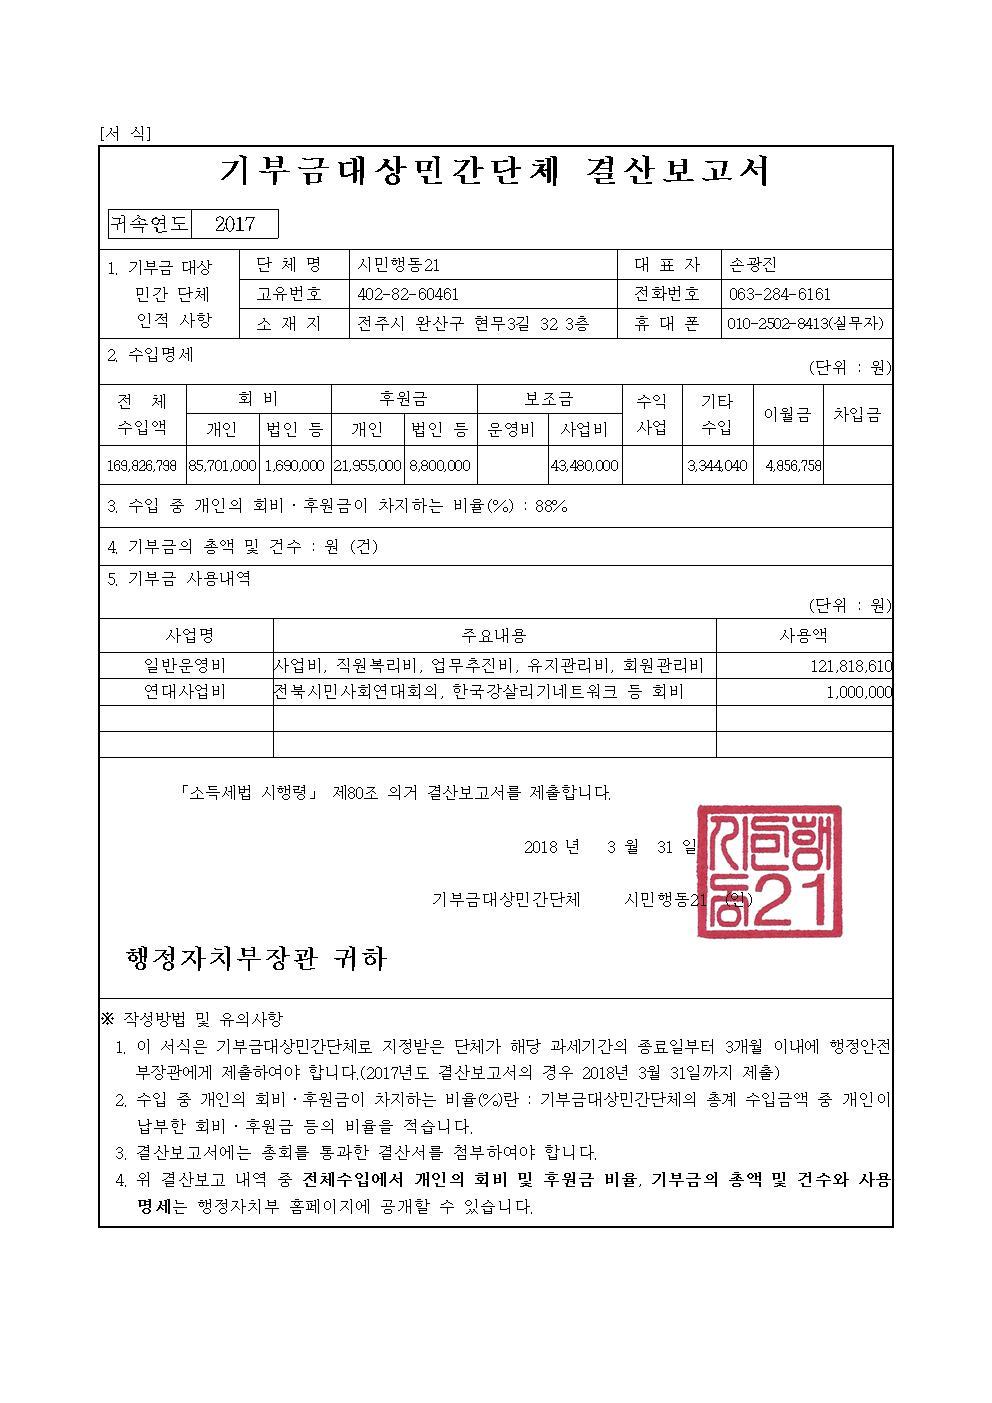 결산보고서 (2).jpg